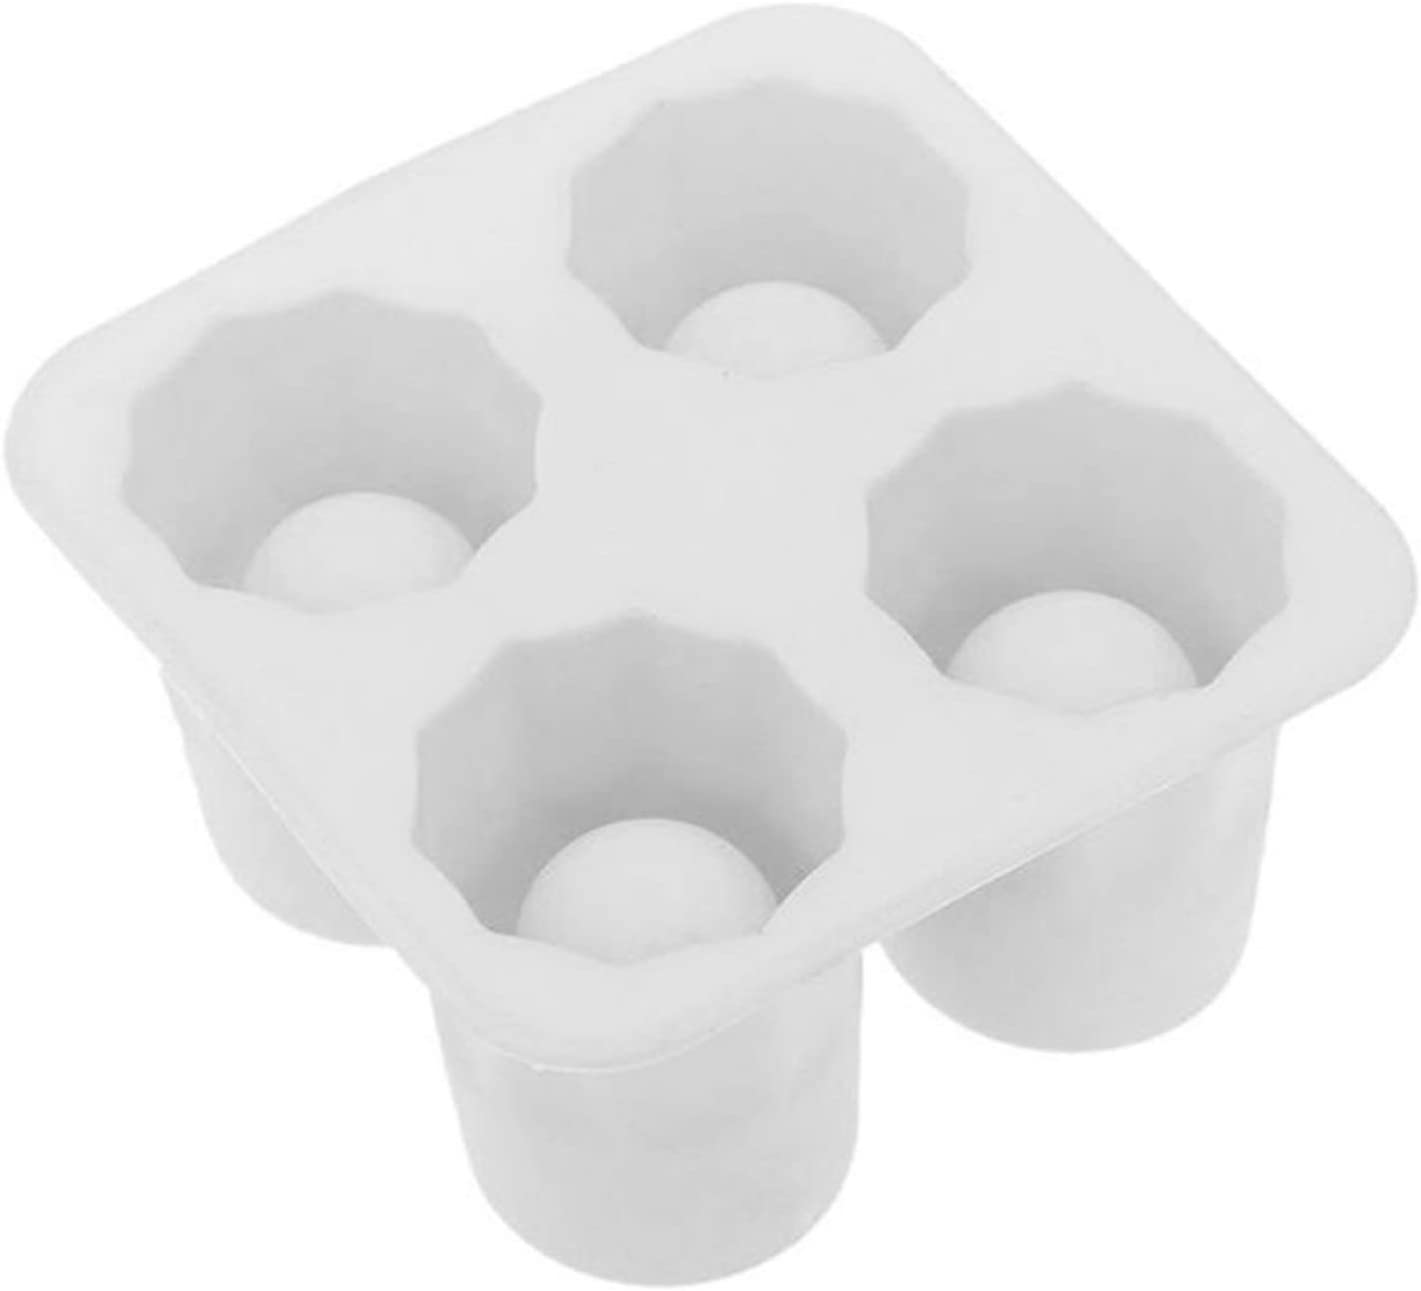 4 colores de silicona de hielo cubo cubo tiradores de vidrio de vidrio molde de hielo cubito de hielo bandeja barra de verano fiesta de cerveza hielo bebida herramienta accesorios (Color : White)